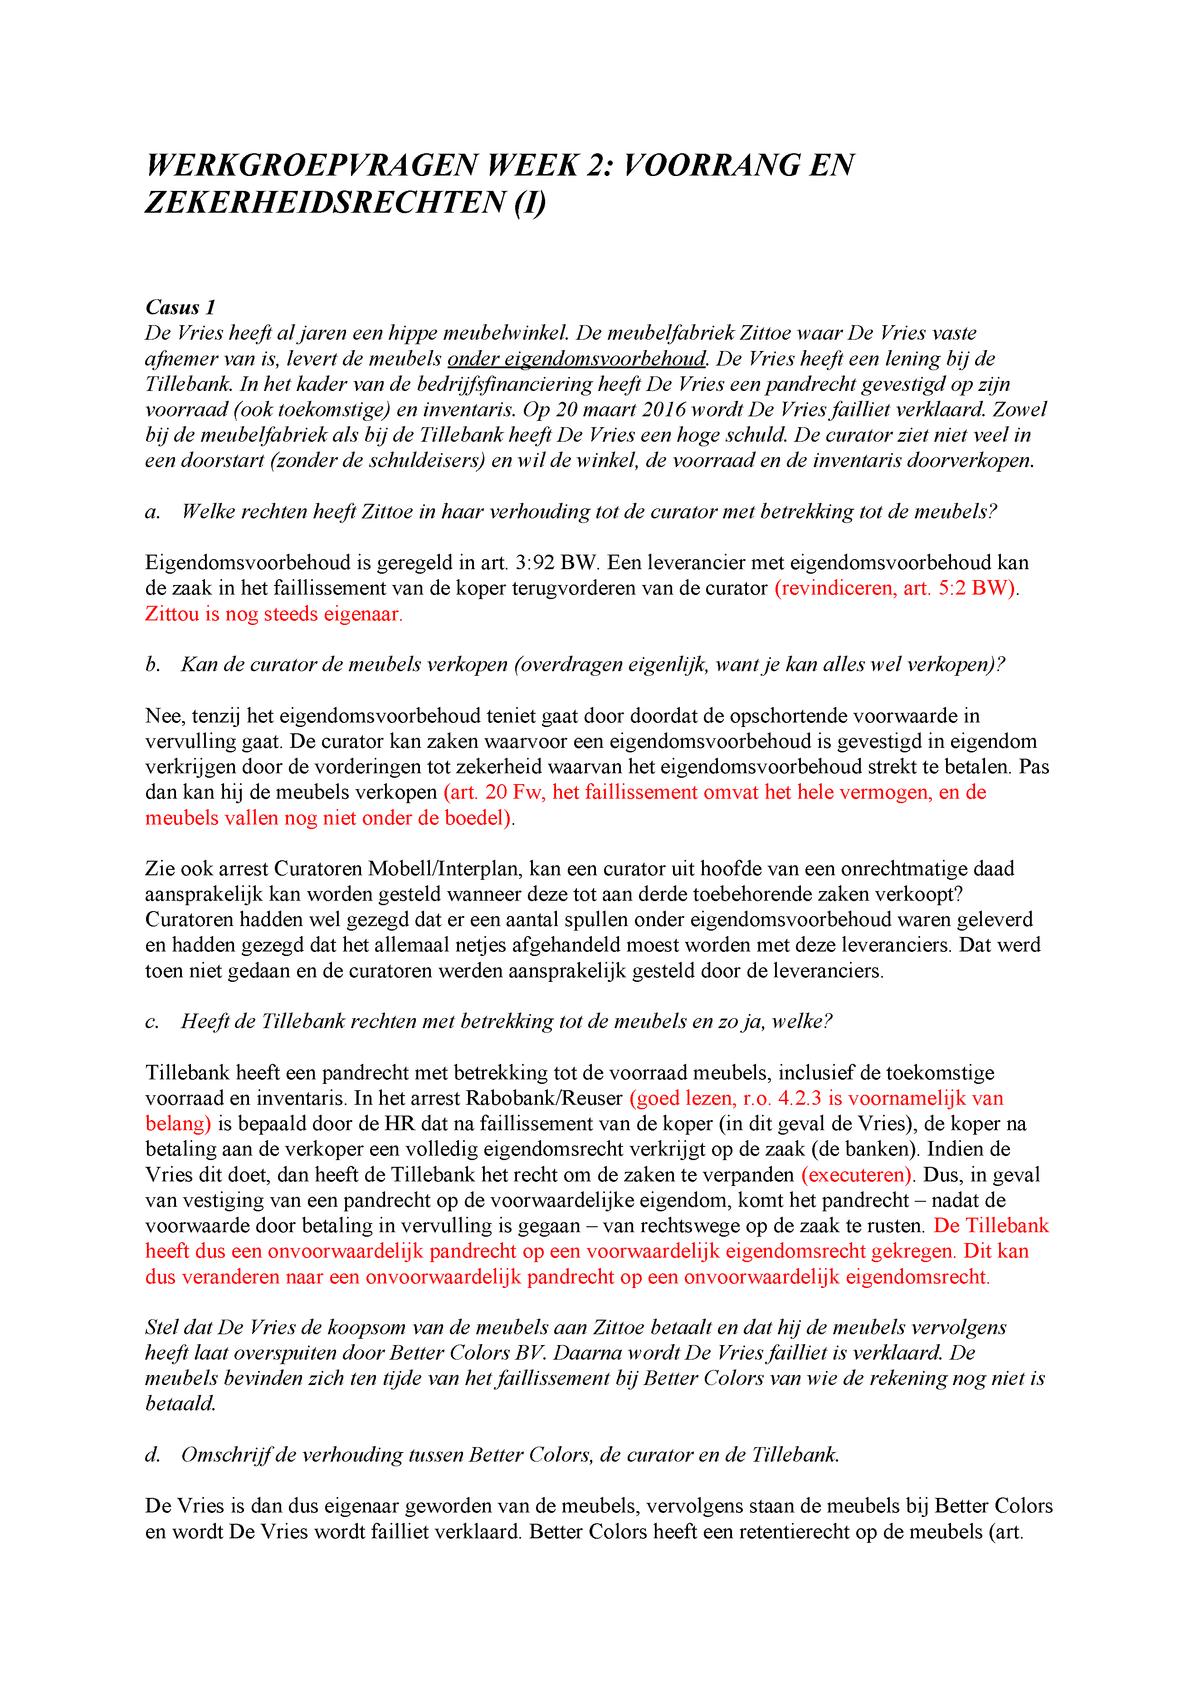 Faillissement Verkoop Meubels.Wg 2 Werkgroep Uitwerkingen Week 2 Insolventierecht